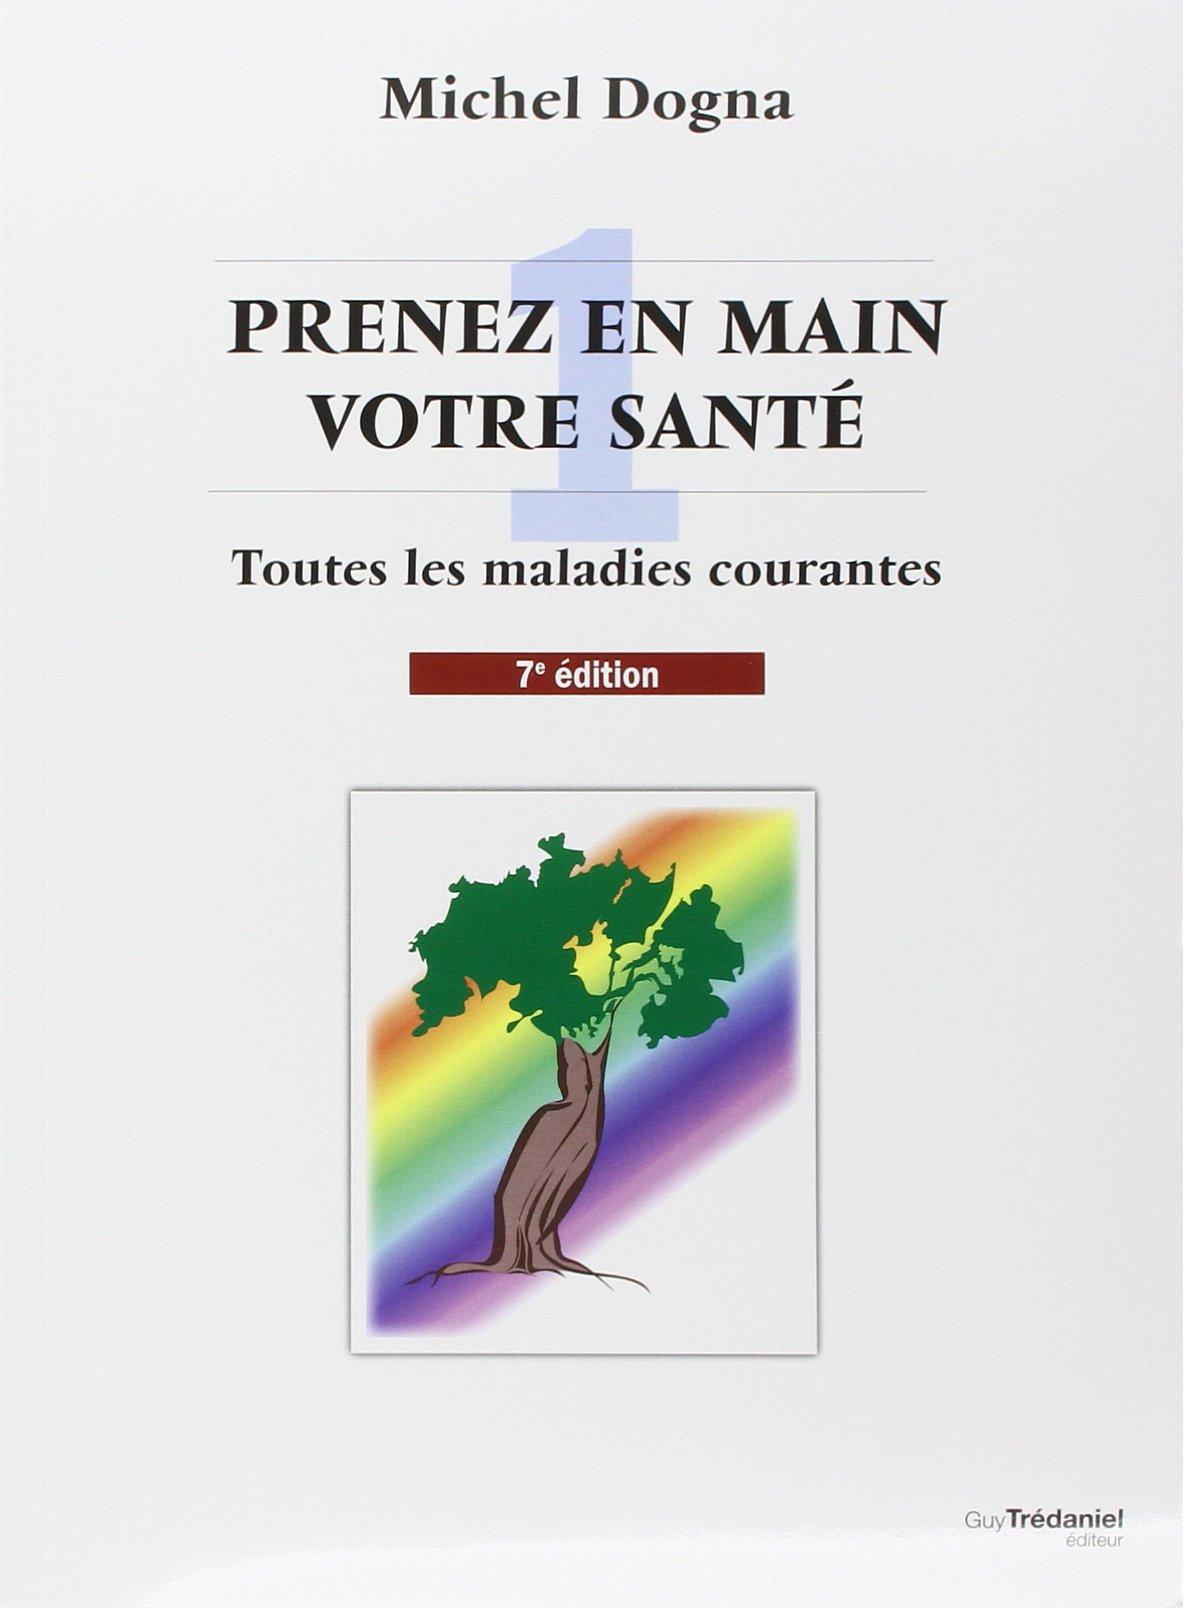 Amazon.fr - Prenez en main votre santé : toutes les maladies courantes -  Michel Dogna - Livres